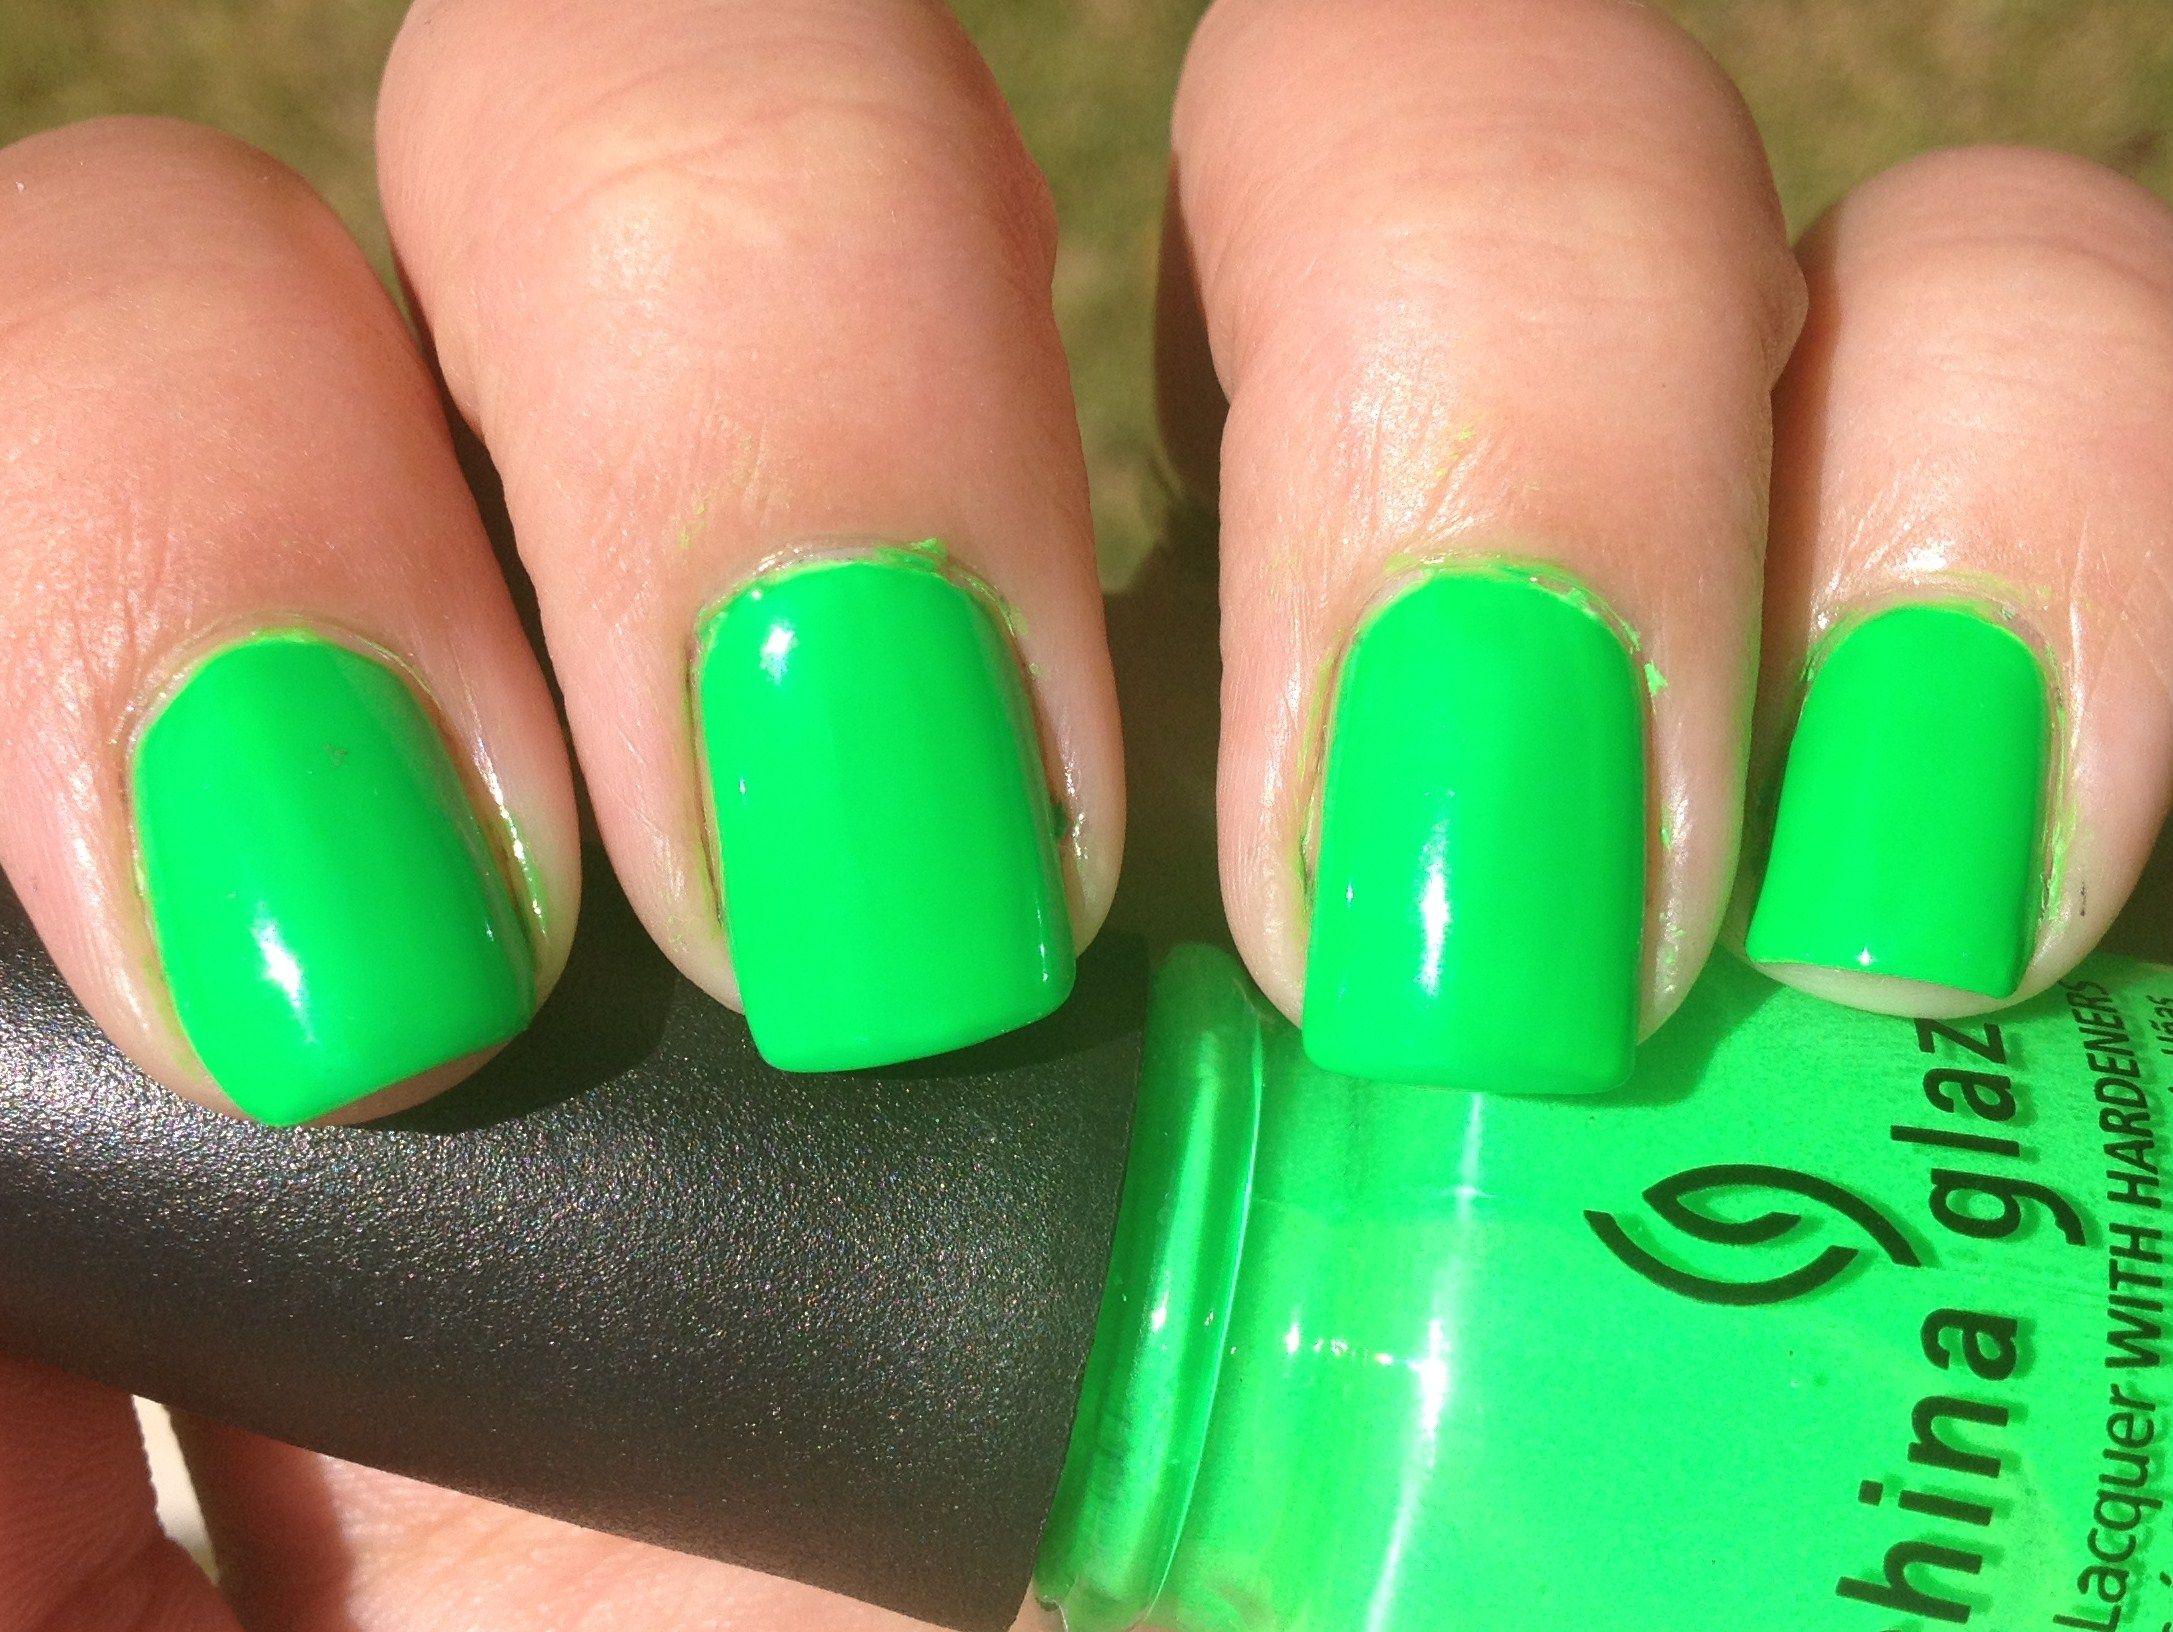 Nail Art Designs, Nail Art Ideas | neon green | Green | Pinterest ...